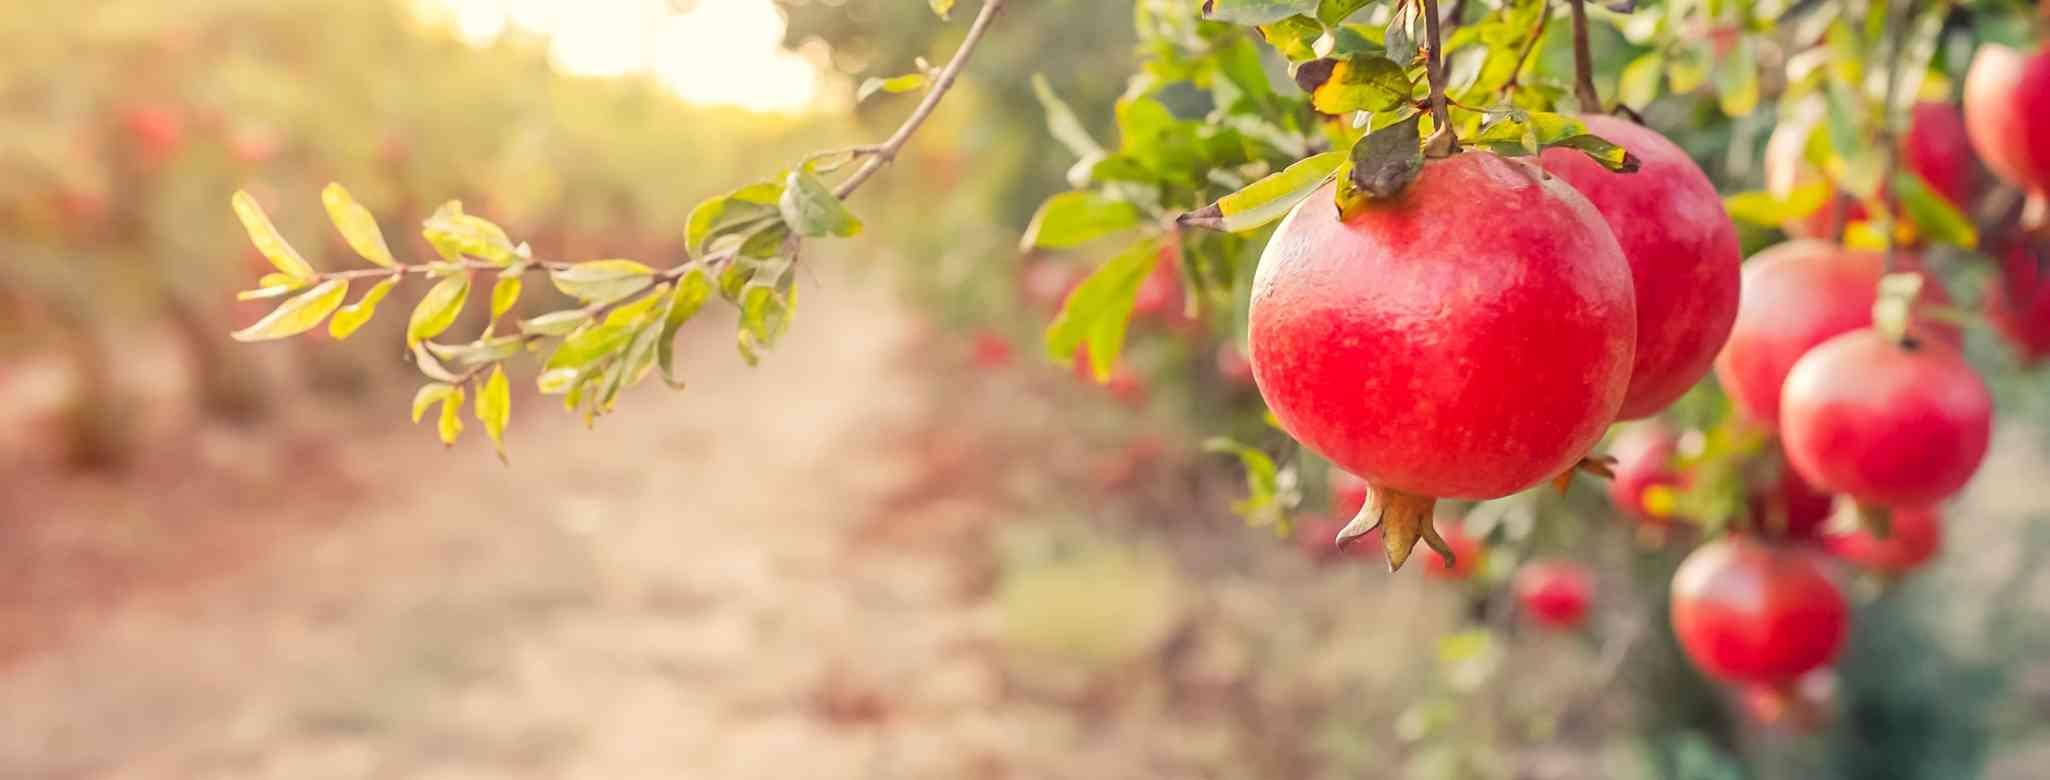 האם מותר לגזום עץ פרי